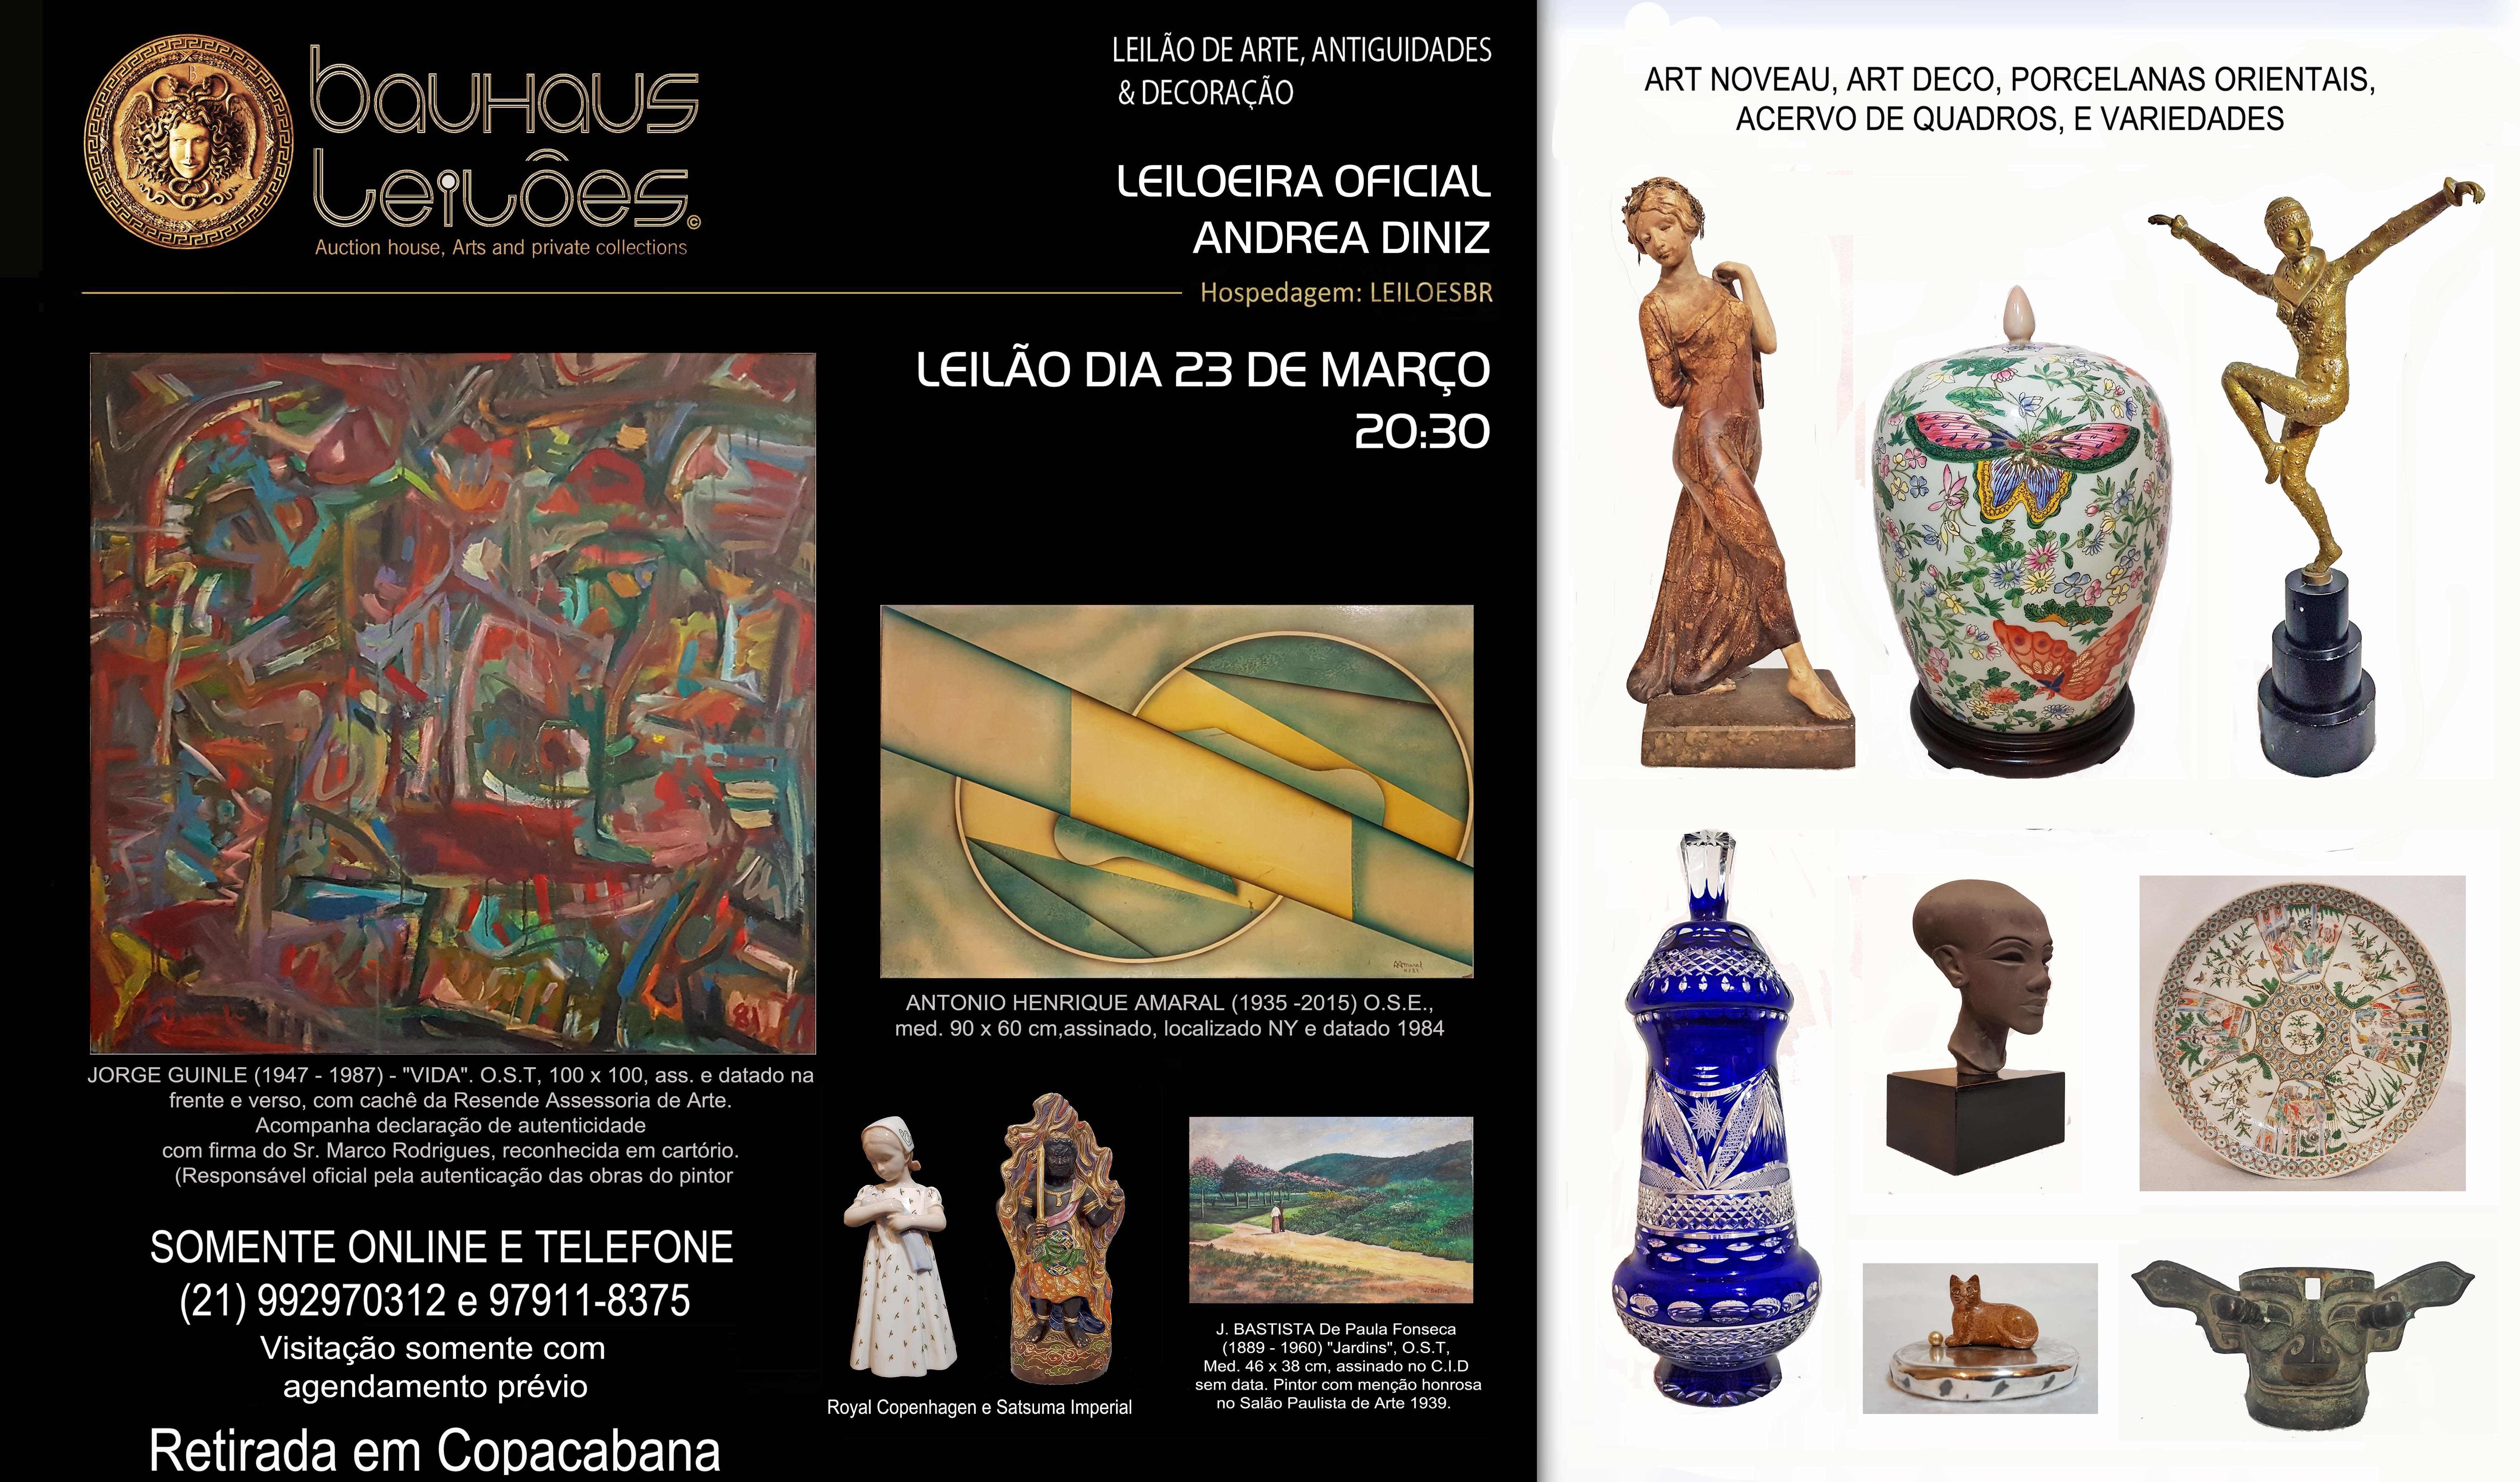 LEILÃO ANTIGUIDADES E DECOR - COPACABANA -  BAUHAUS AUCTION HOUSE